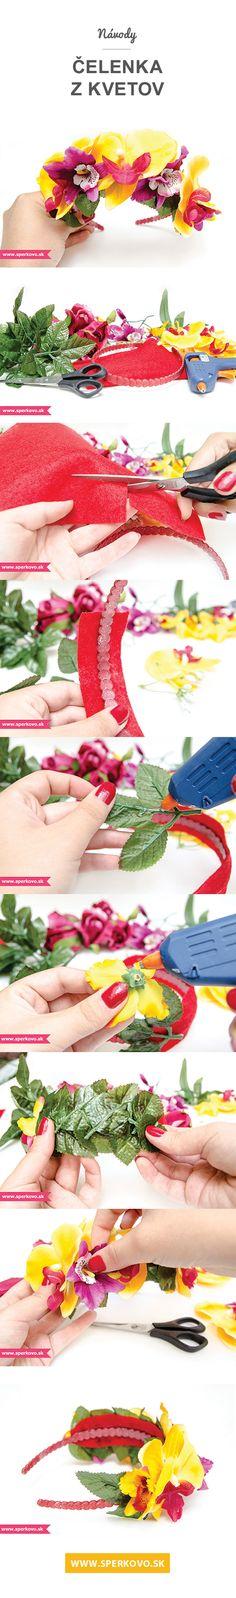 DIY, craft, kreatívne nápady, návody, fotopostup, handmade, čelenka, kvety. www.sperkovo.sk